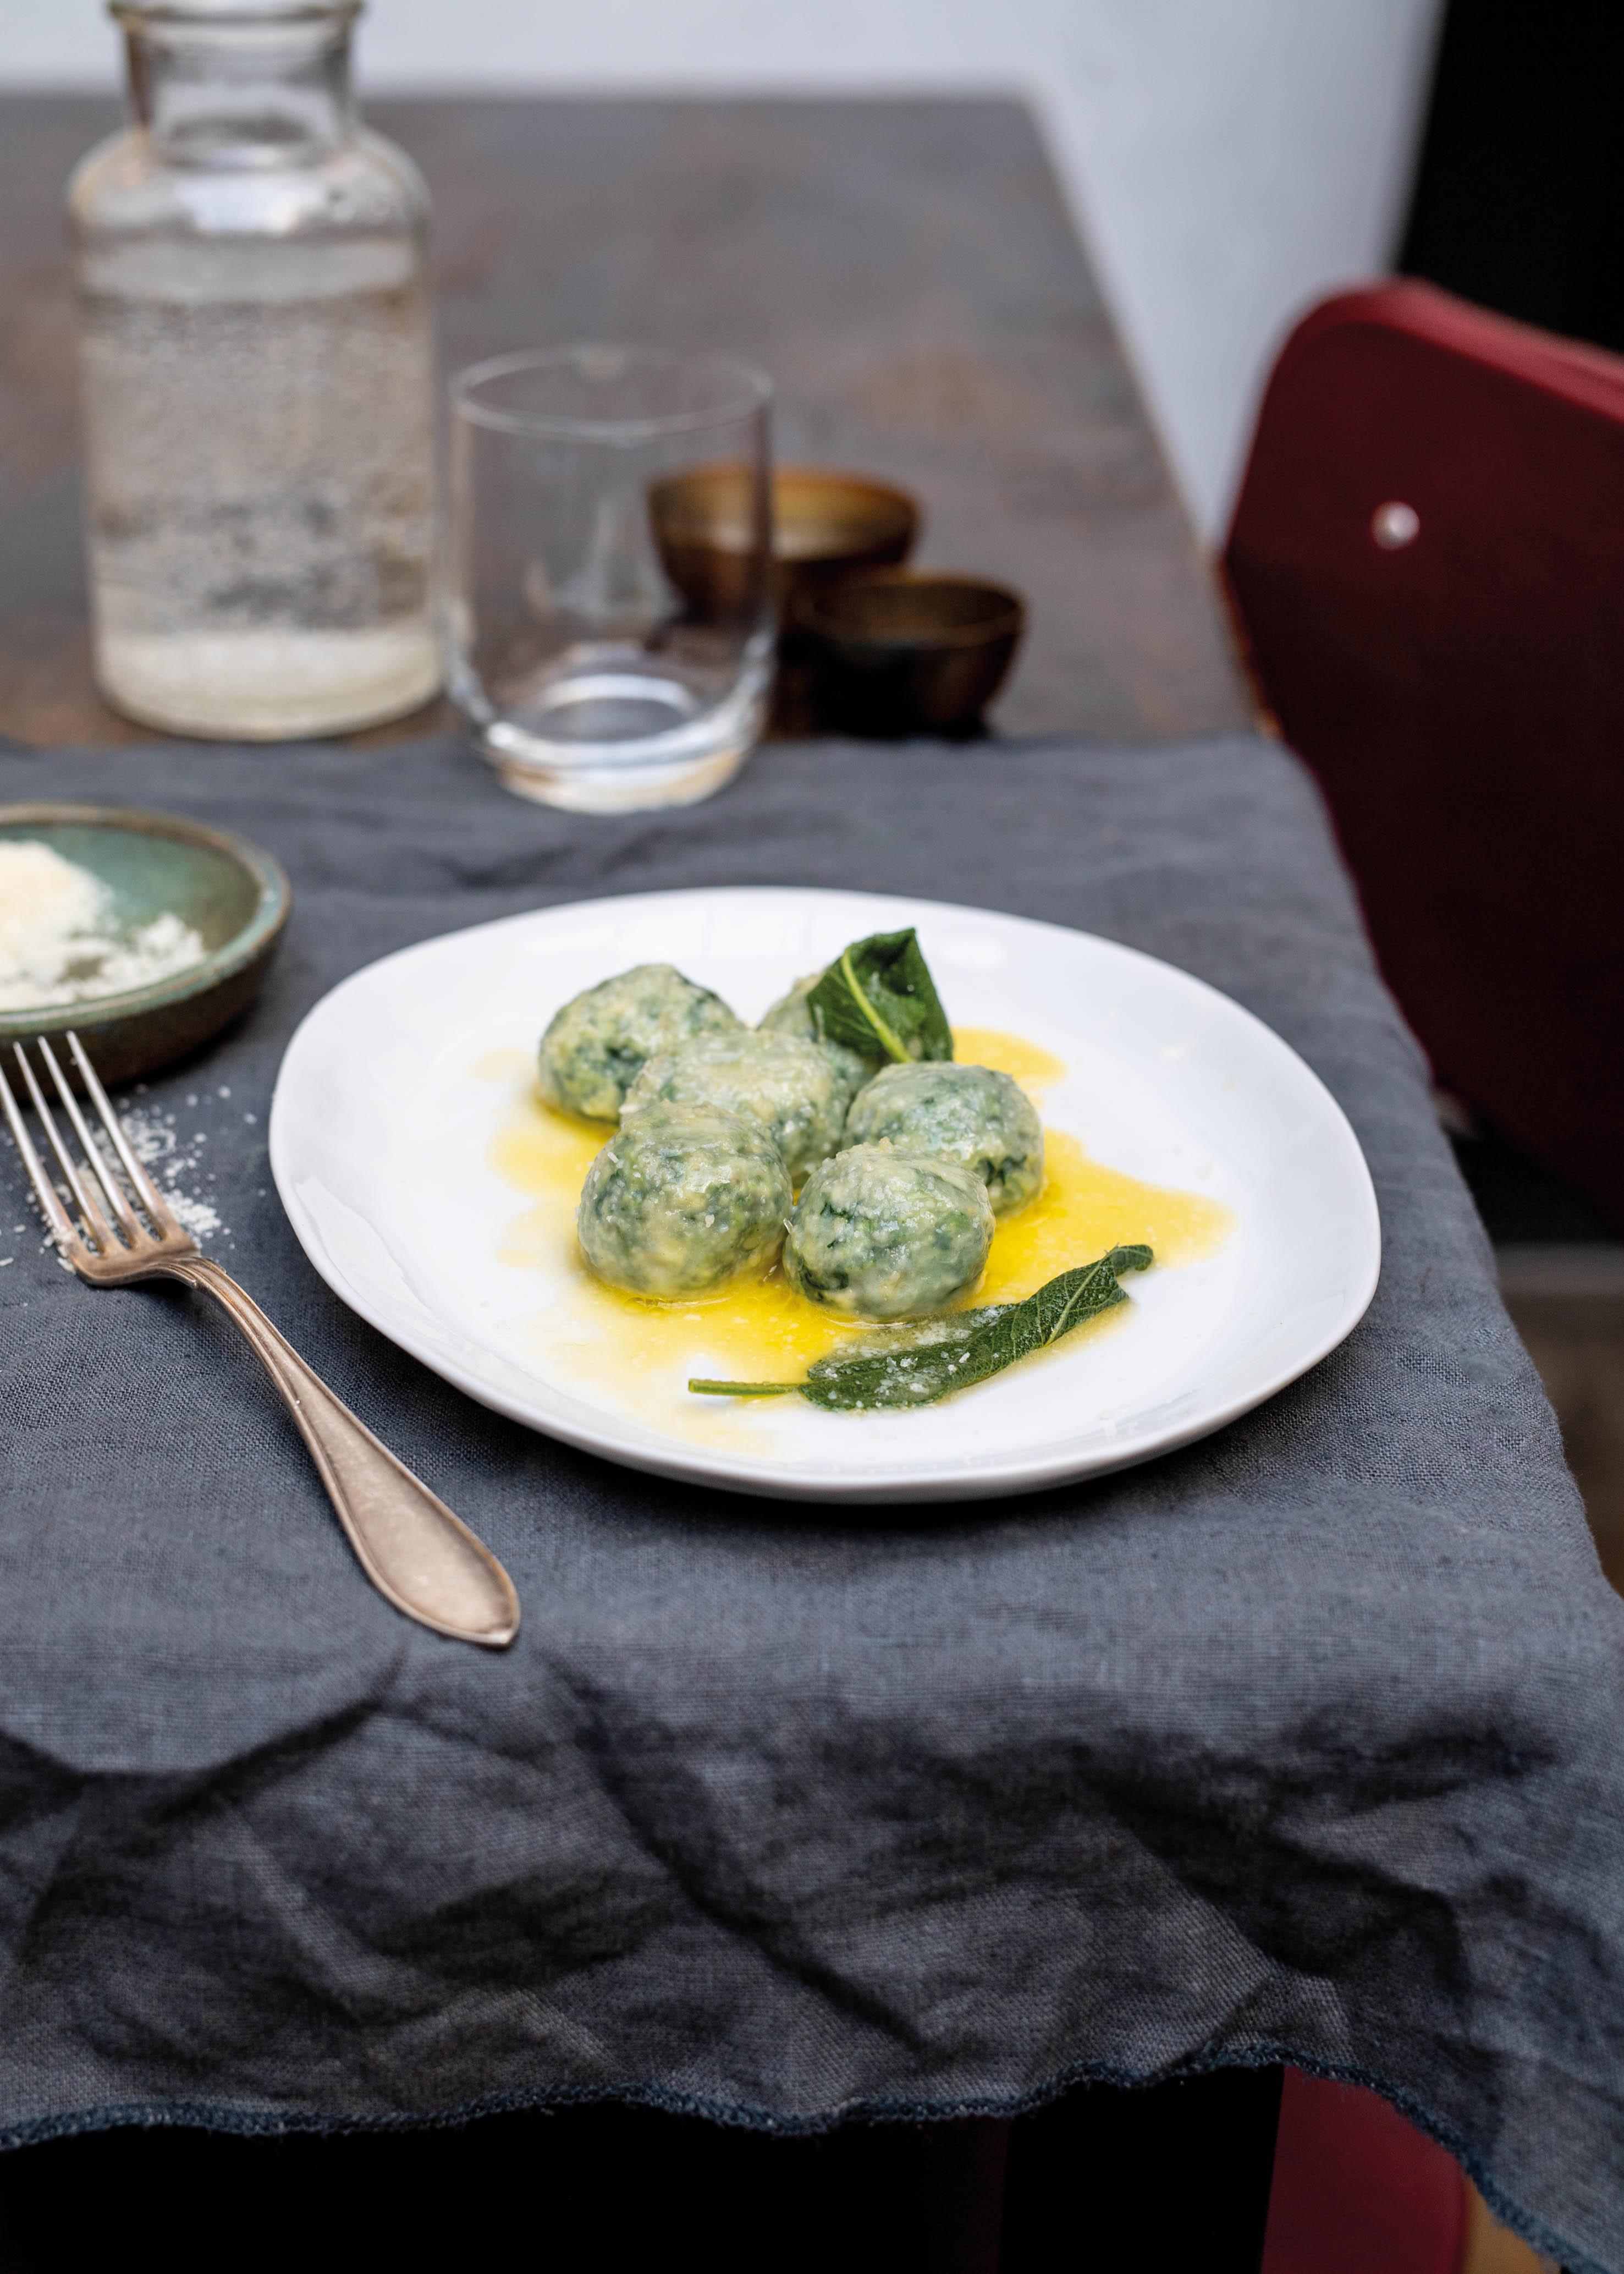 Afbeelding van spinazie-ricottaballetjes (malfatti) recept